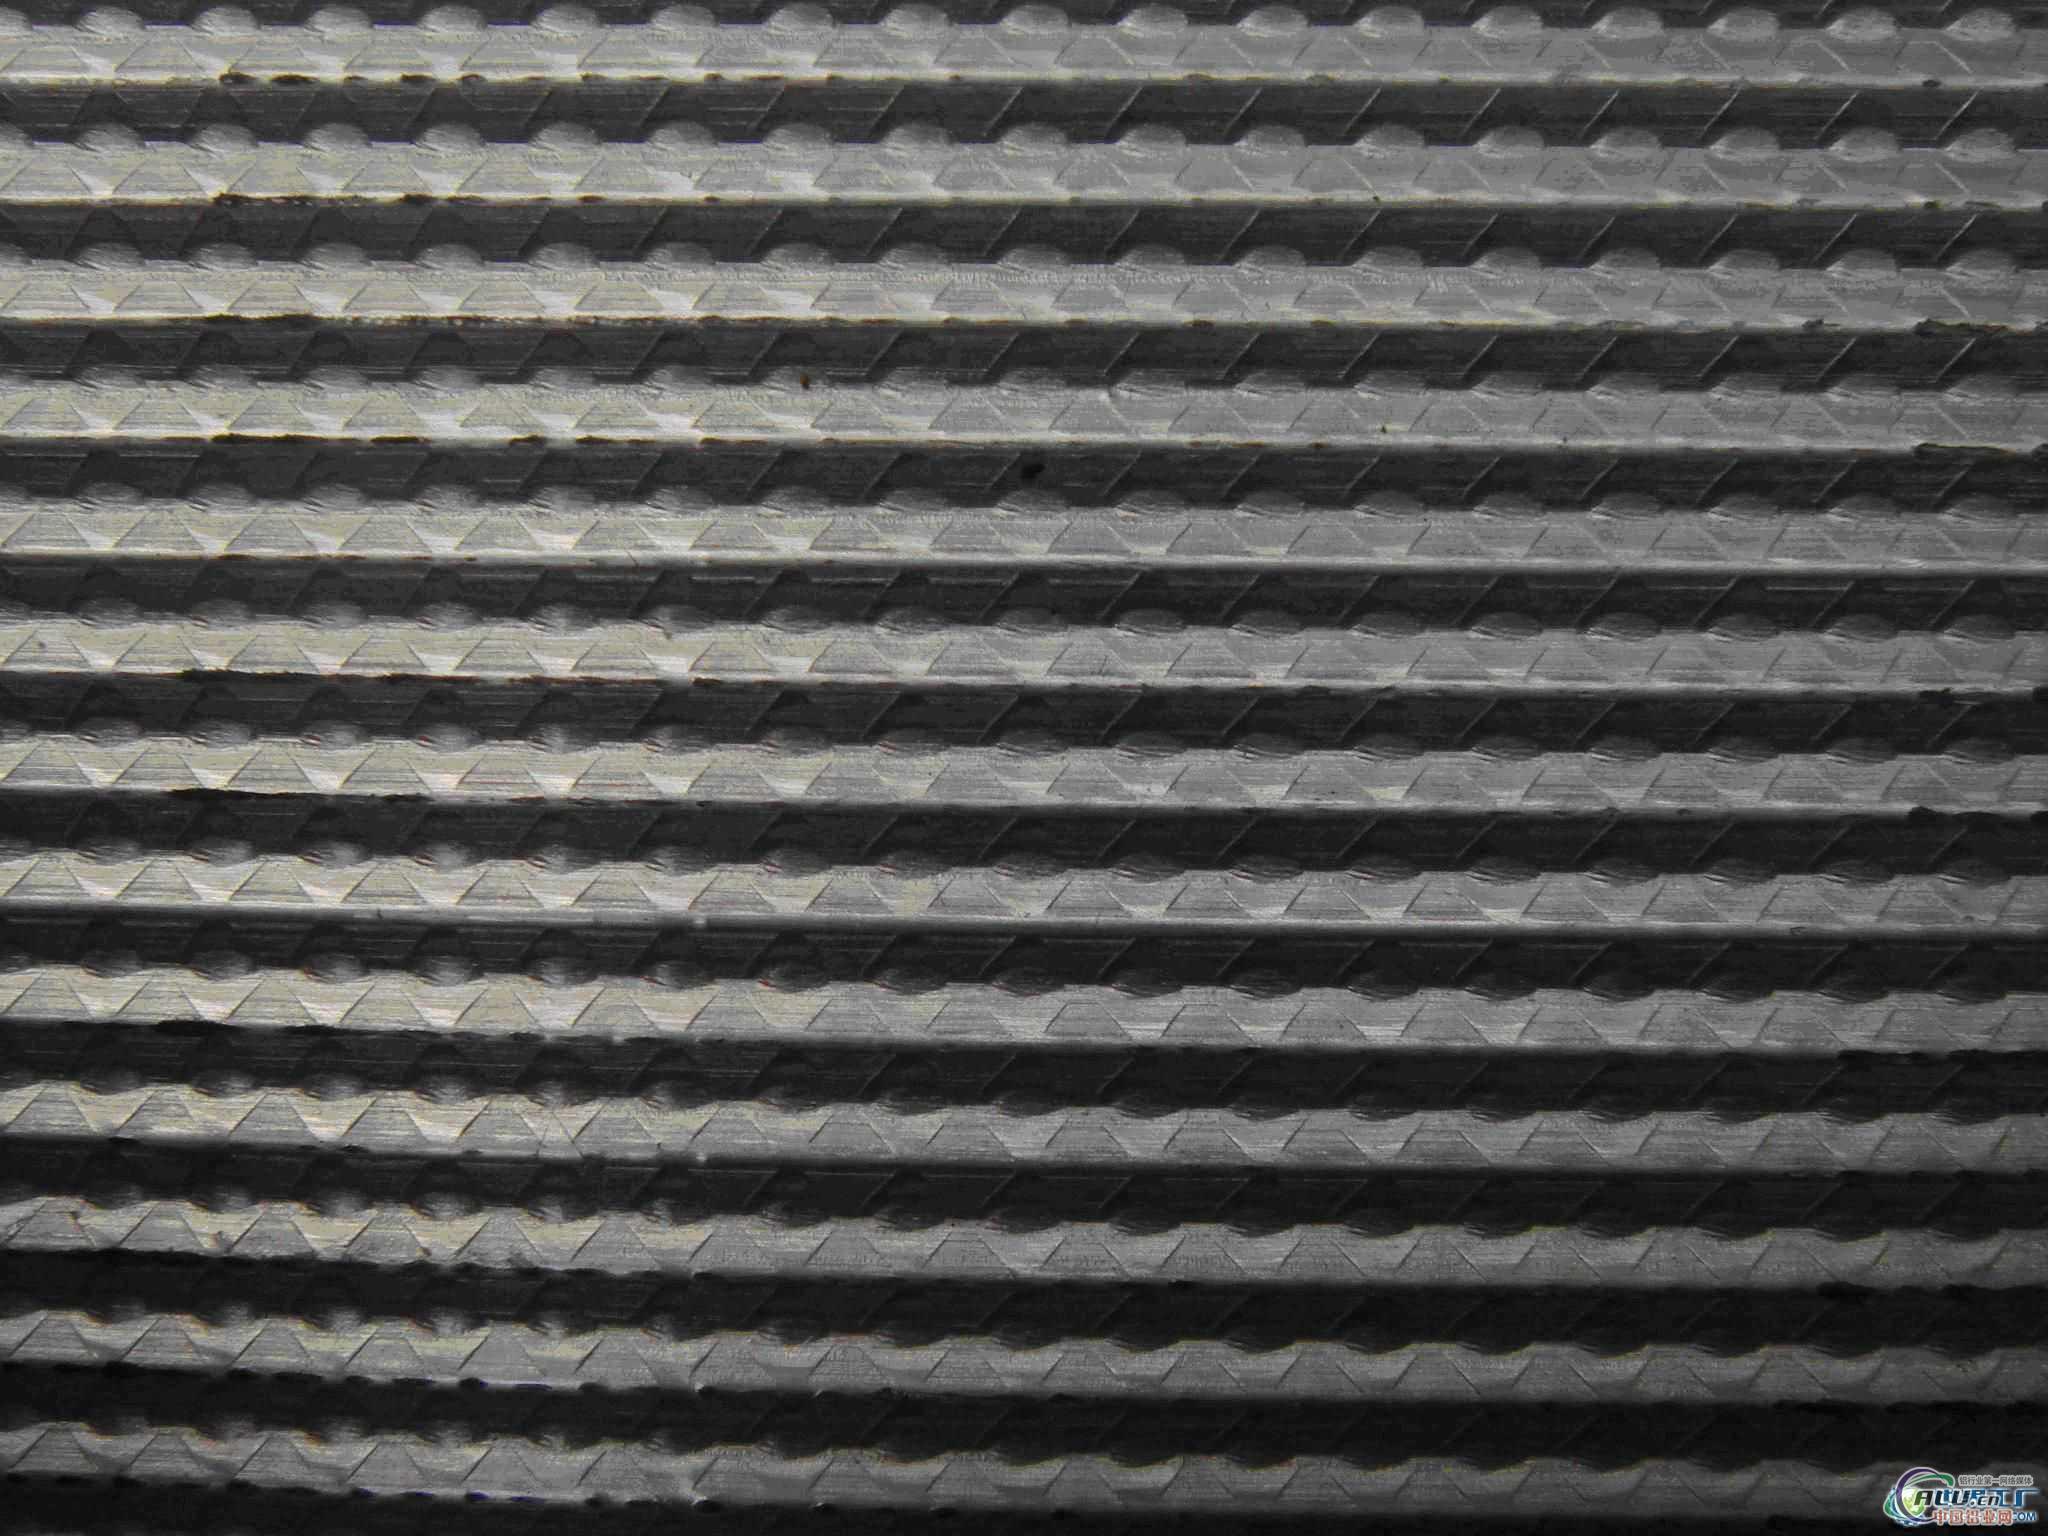 天津倍诚金属材料销售有限公司依托山东、青海、甘肃等地各大铝业企业,并与天津、河北等地铝业企业达成合作。主营铝锭、铝板板、铝棒、铝管及各种铝型材等产品。公司资源充足,规格齐全,库存量大,质优价廉。同时可根据客户的要求做非标铝材,时间短,质量高。公司铝材主要产品详细铝管: 材质1060、2A12、2024、3003、3A21、5A02、5052、6061、6063、7075圆管,外径:φ6mm~φ310mm,壁厚:1mm~25mm 铝卷:材质1060、2A12、2024、3003、3A21、5